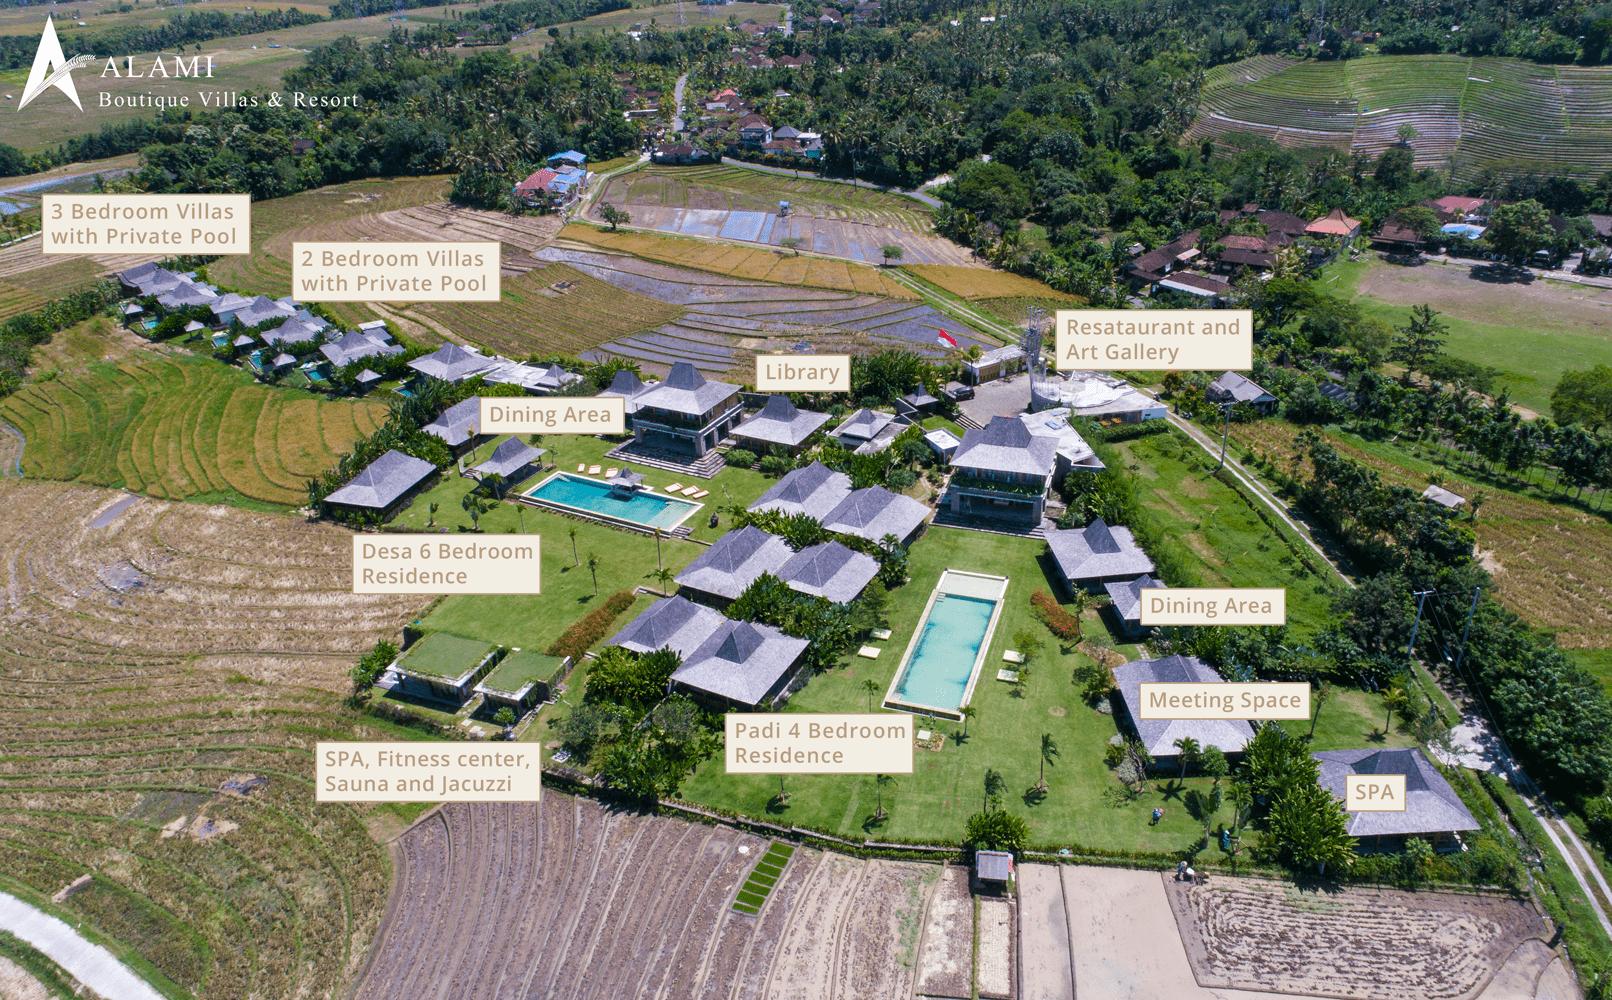 Map of Alami Boutique Villas & Resort